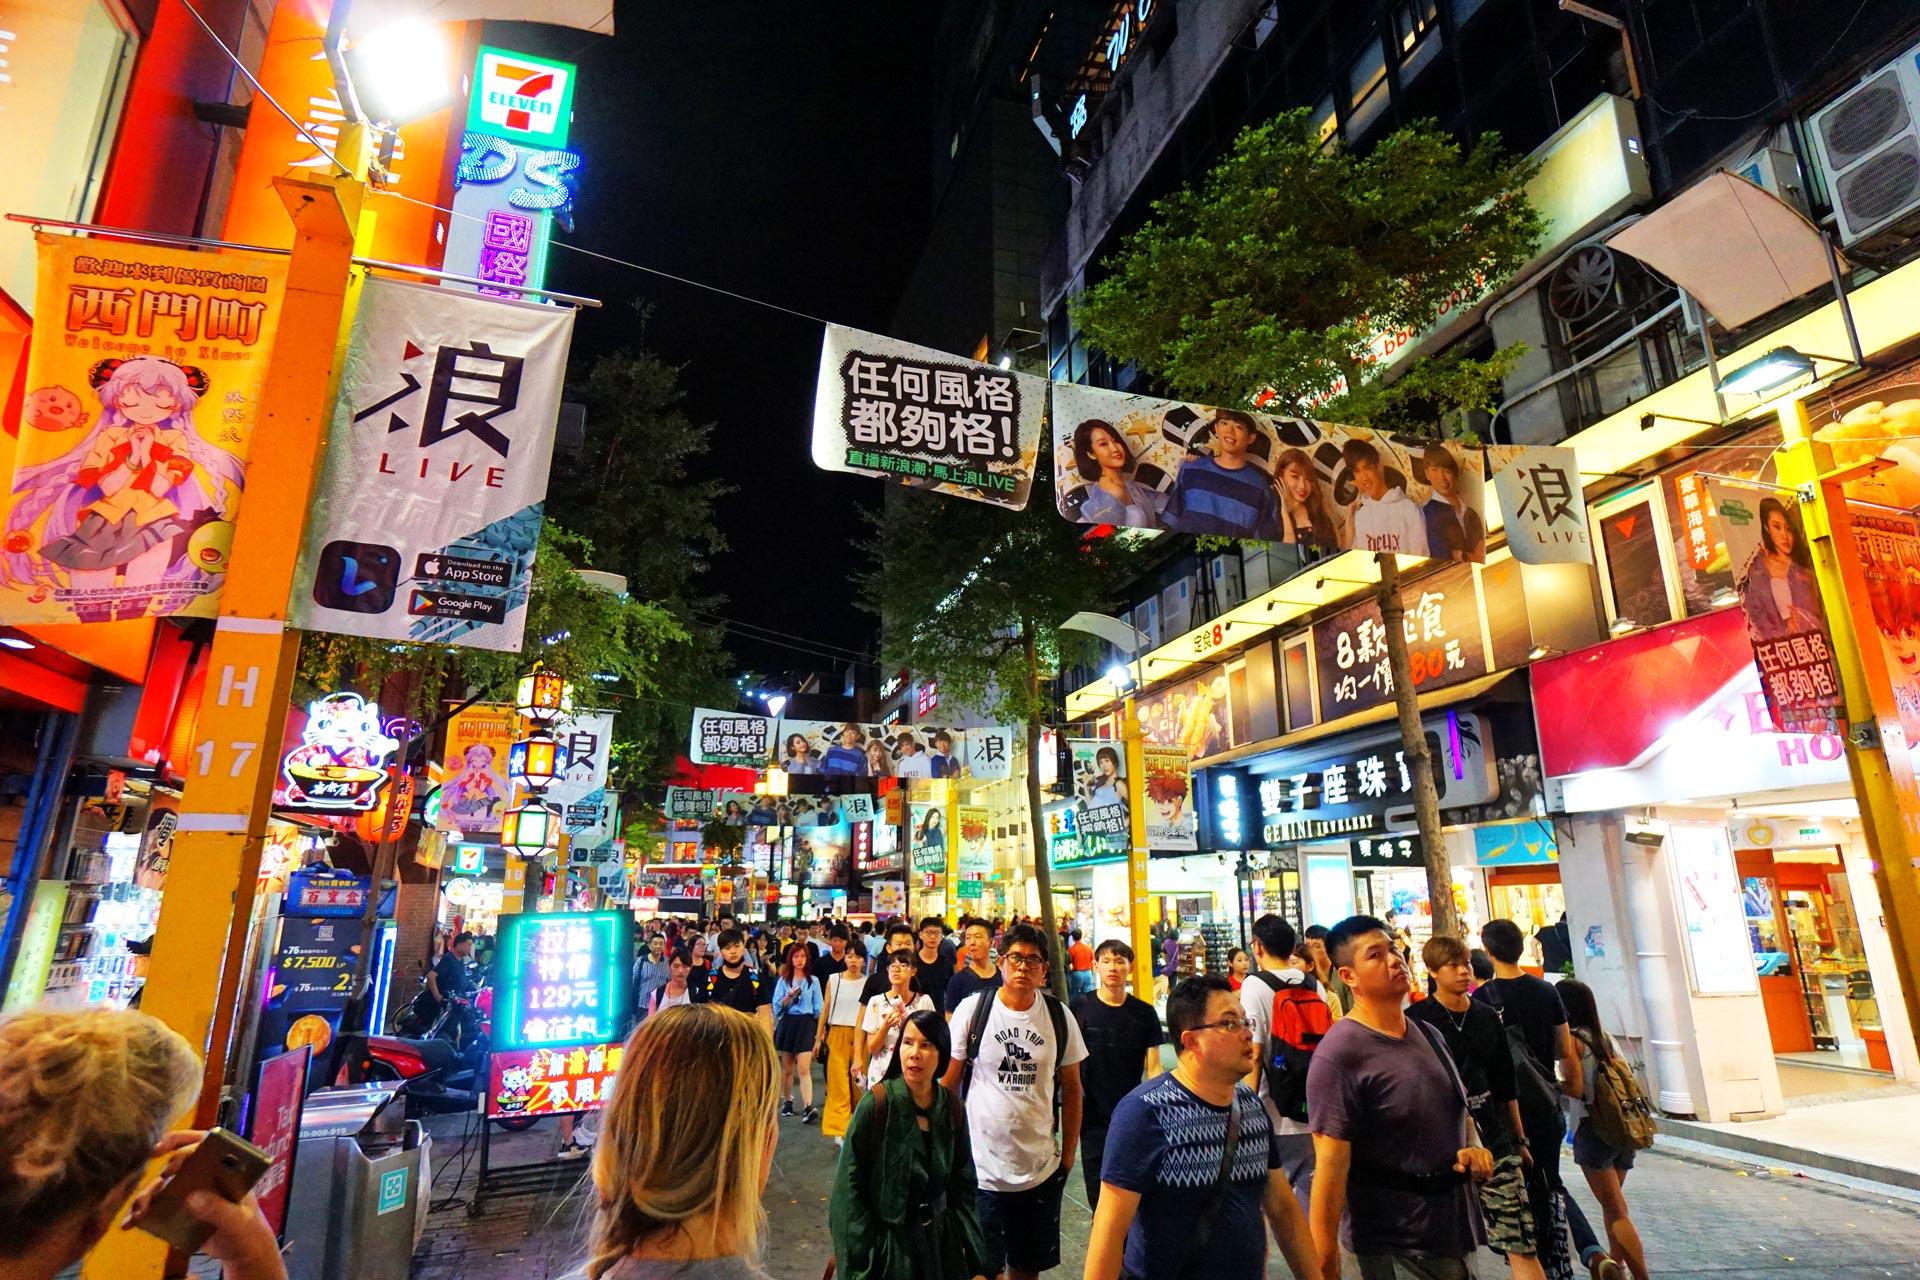 Leuchtreklamen und Werbung in Ximending